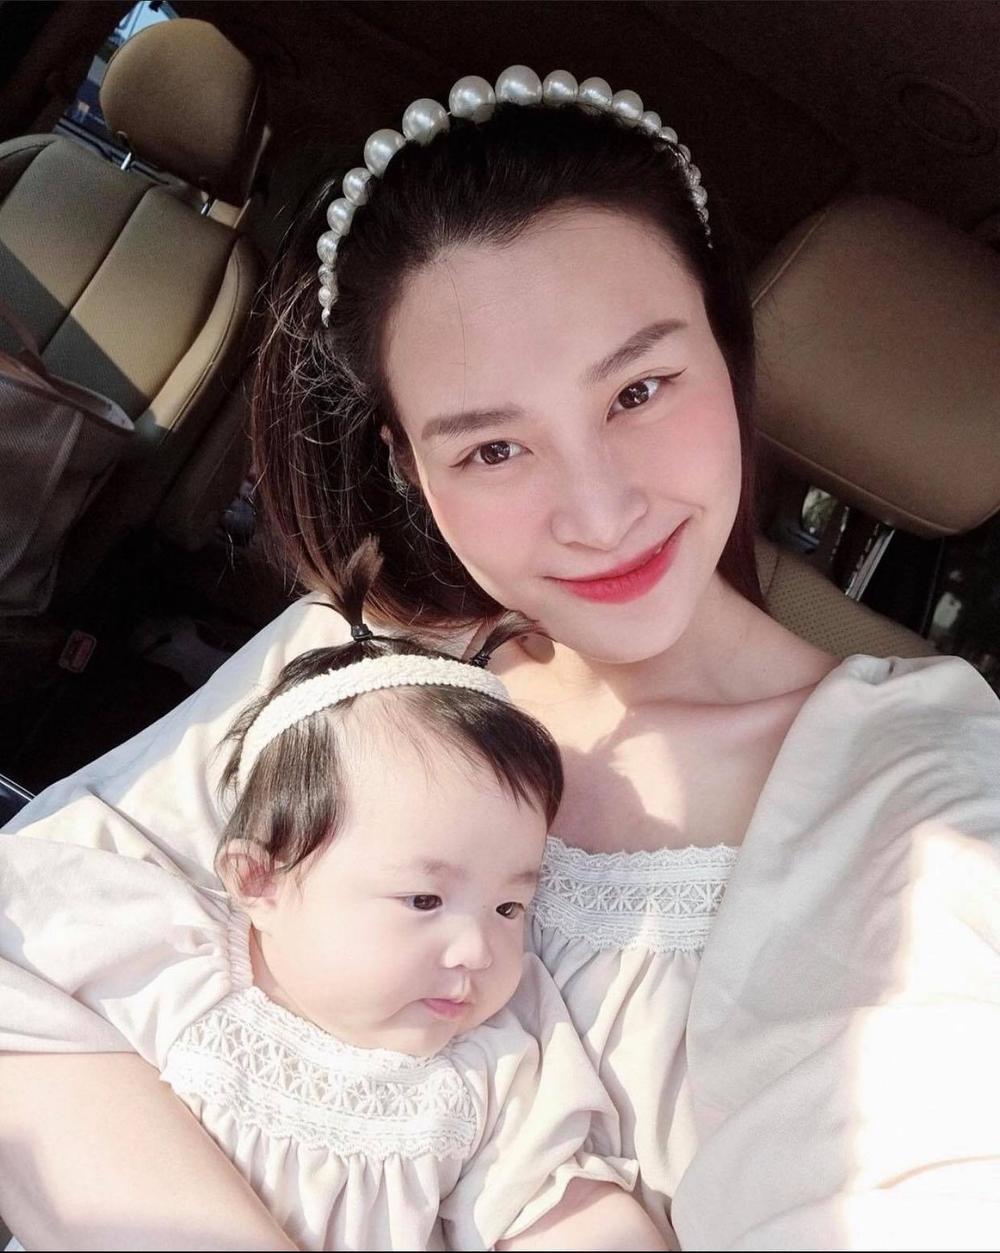 'Bớt tạo nét' tinh nghịch, bê Winnie hóa công chúa dịu dàng, diện đồ đôi cực xinh với mẹ Đông Nhi Ảnh 3